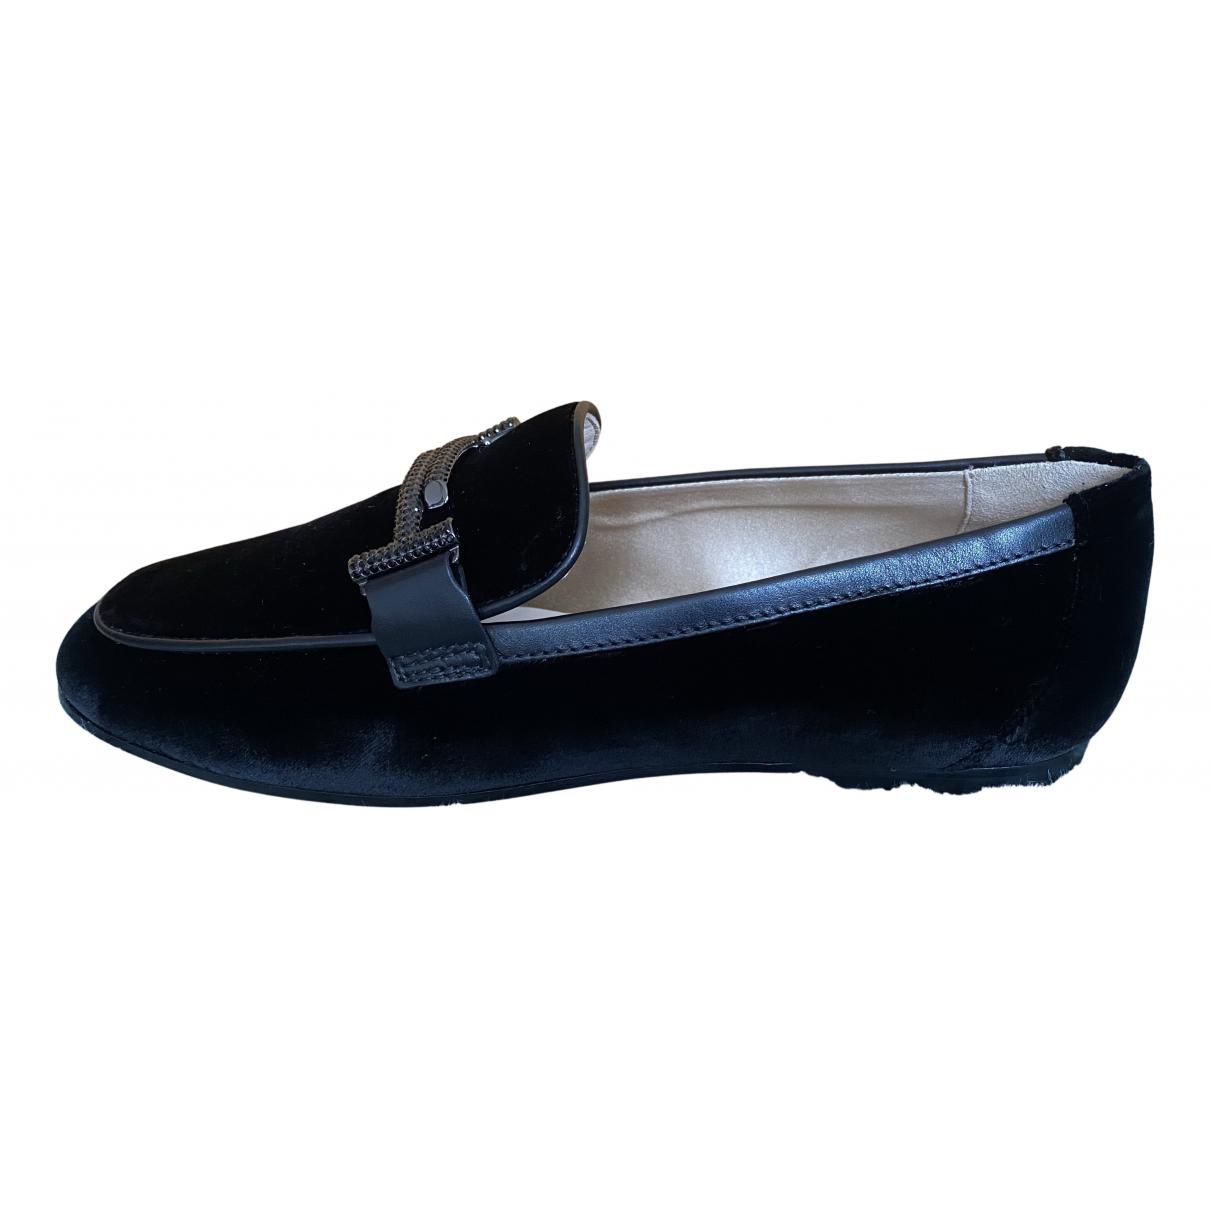 Tods - Mocassins   pour femme en velours - noir